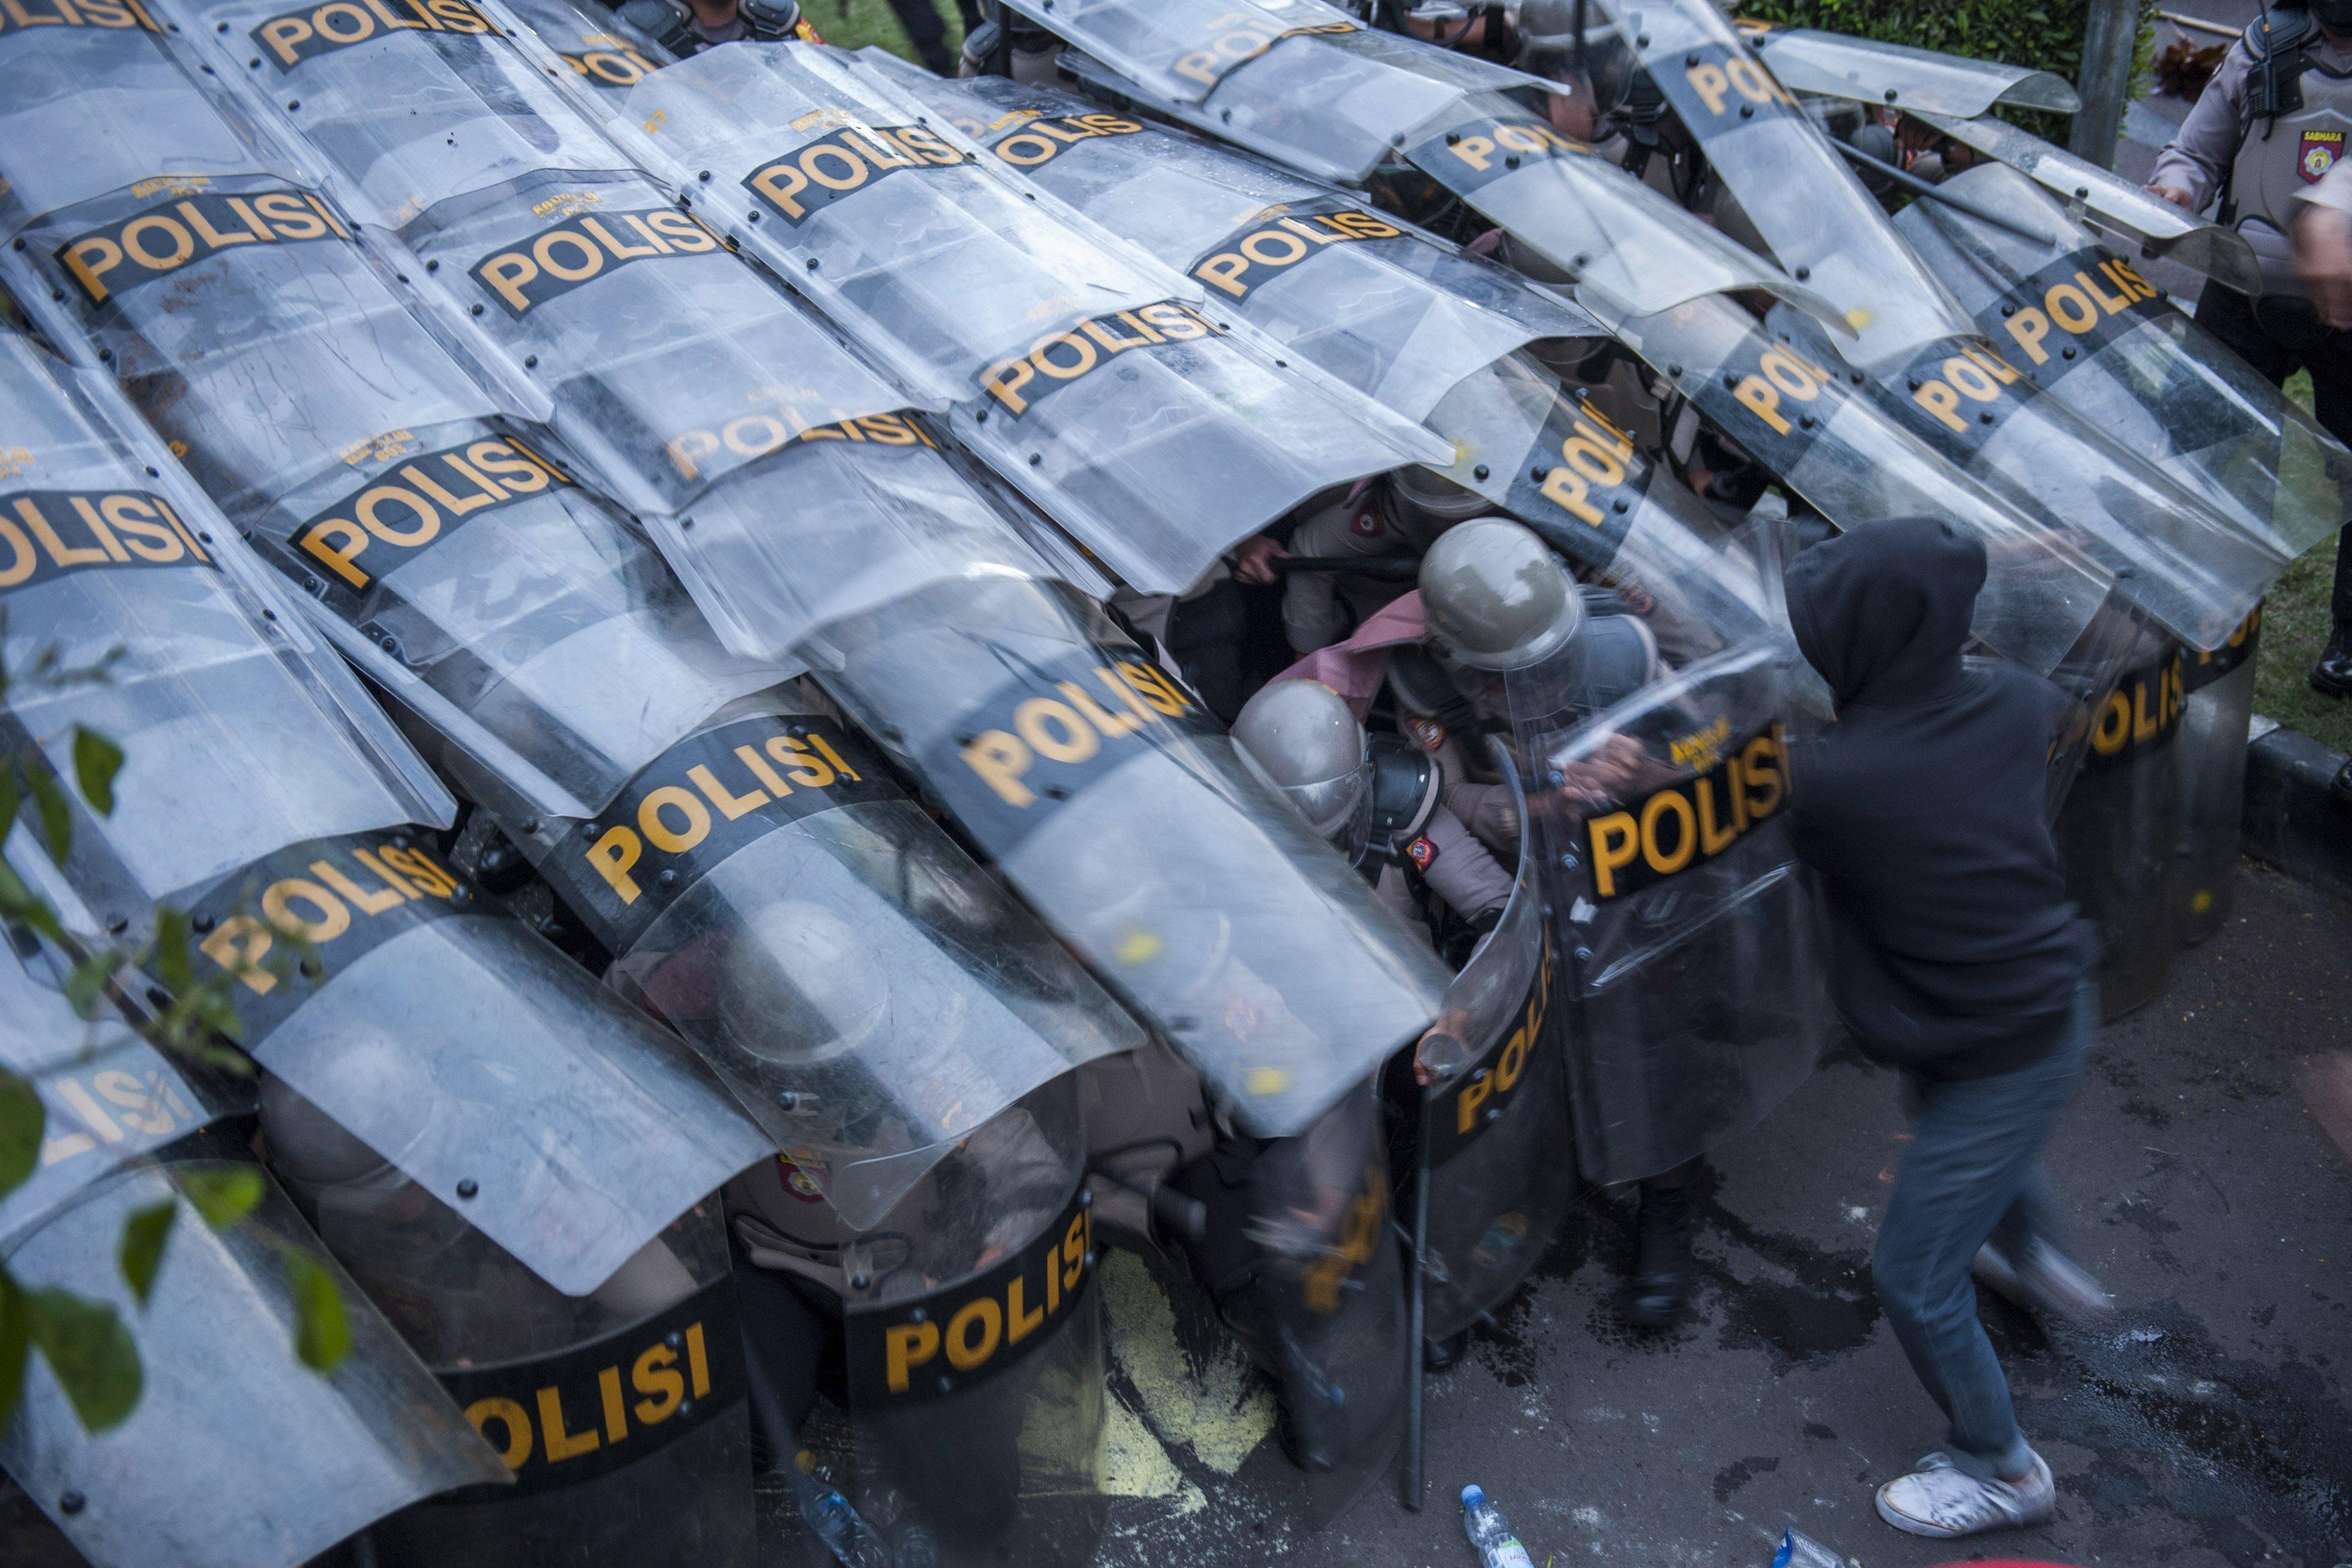 Demonstran menyerang barikade kepolisian saat unjuk rasa tolak Undang-Undang Cipta Kerja, di Depan Gedung DPRD Jawa Barat, Bandung, Jawa Barat, (6/10/2020). Aksi yang menolak, menuntut pembatalan, serta menuntut pembuatan Perppu untuk Undang-Undang Cipta Kerja tersebut berakhir ricuh.